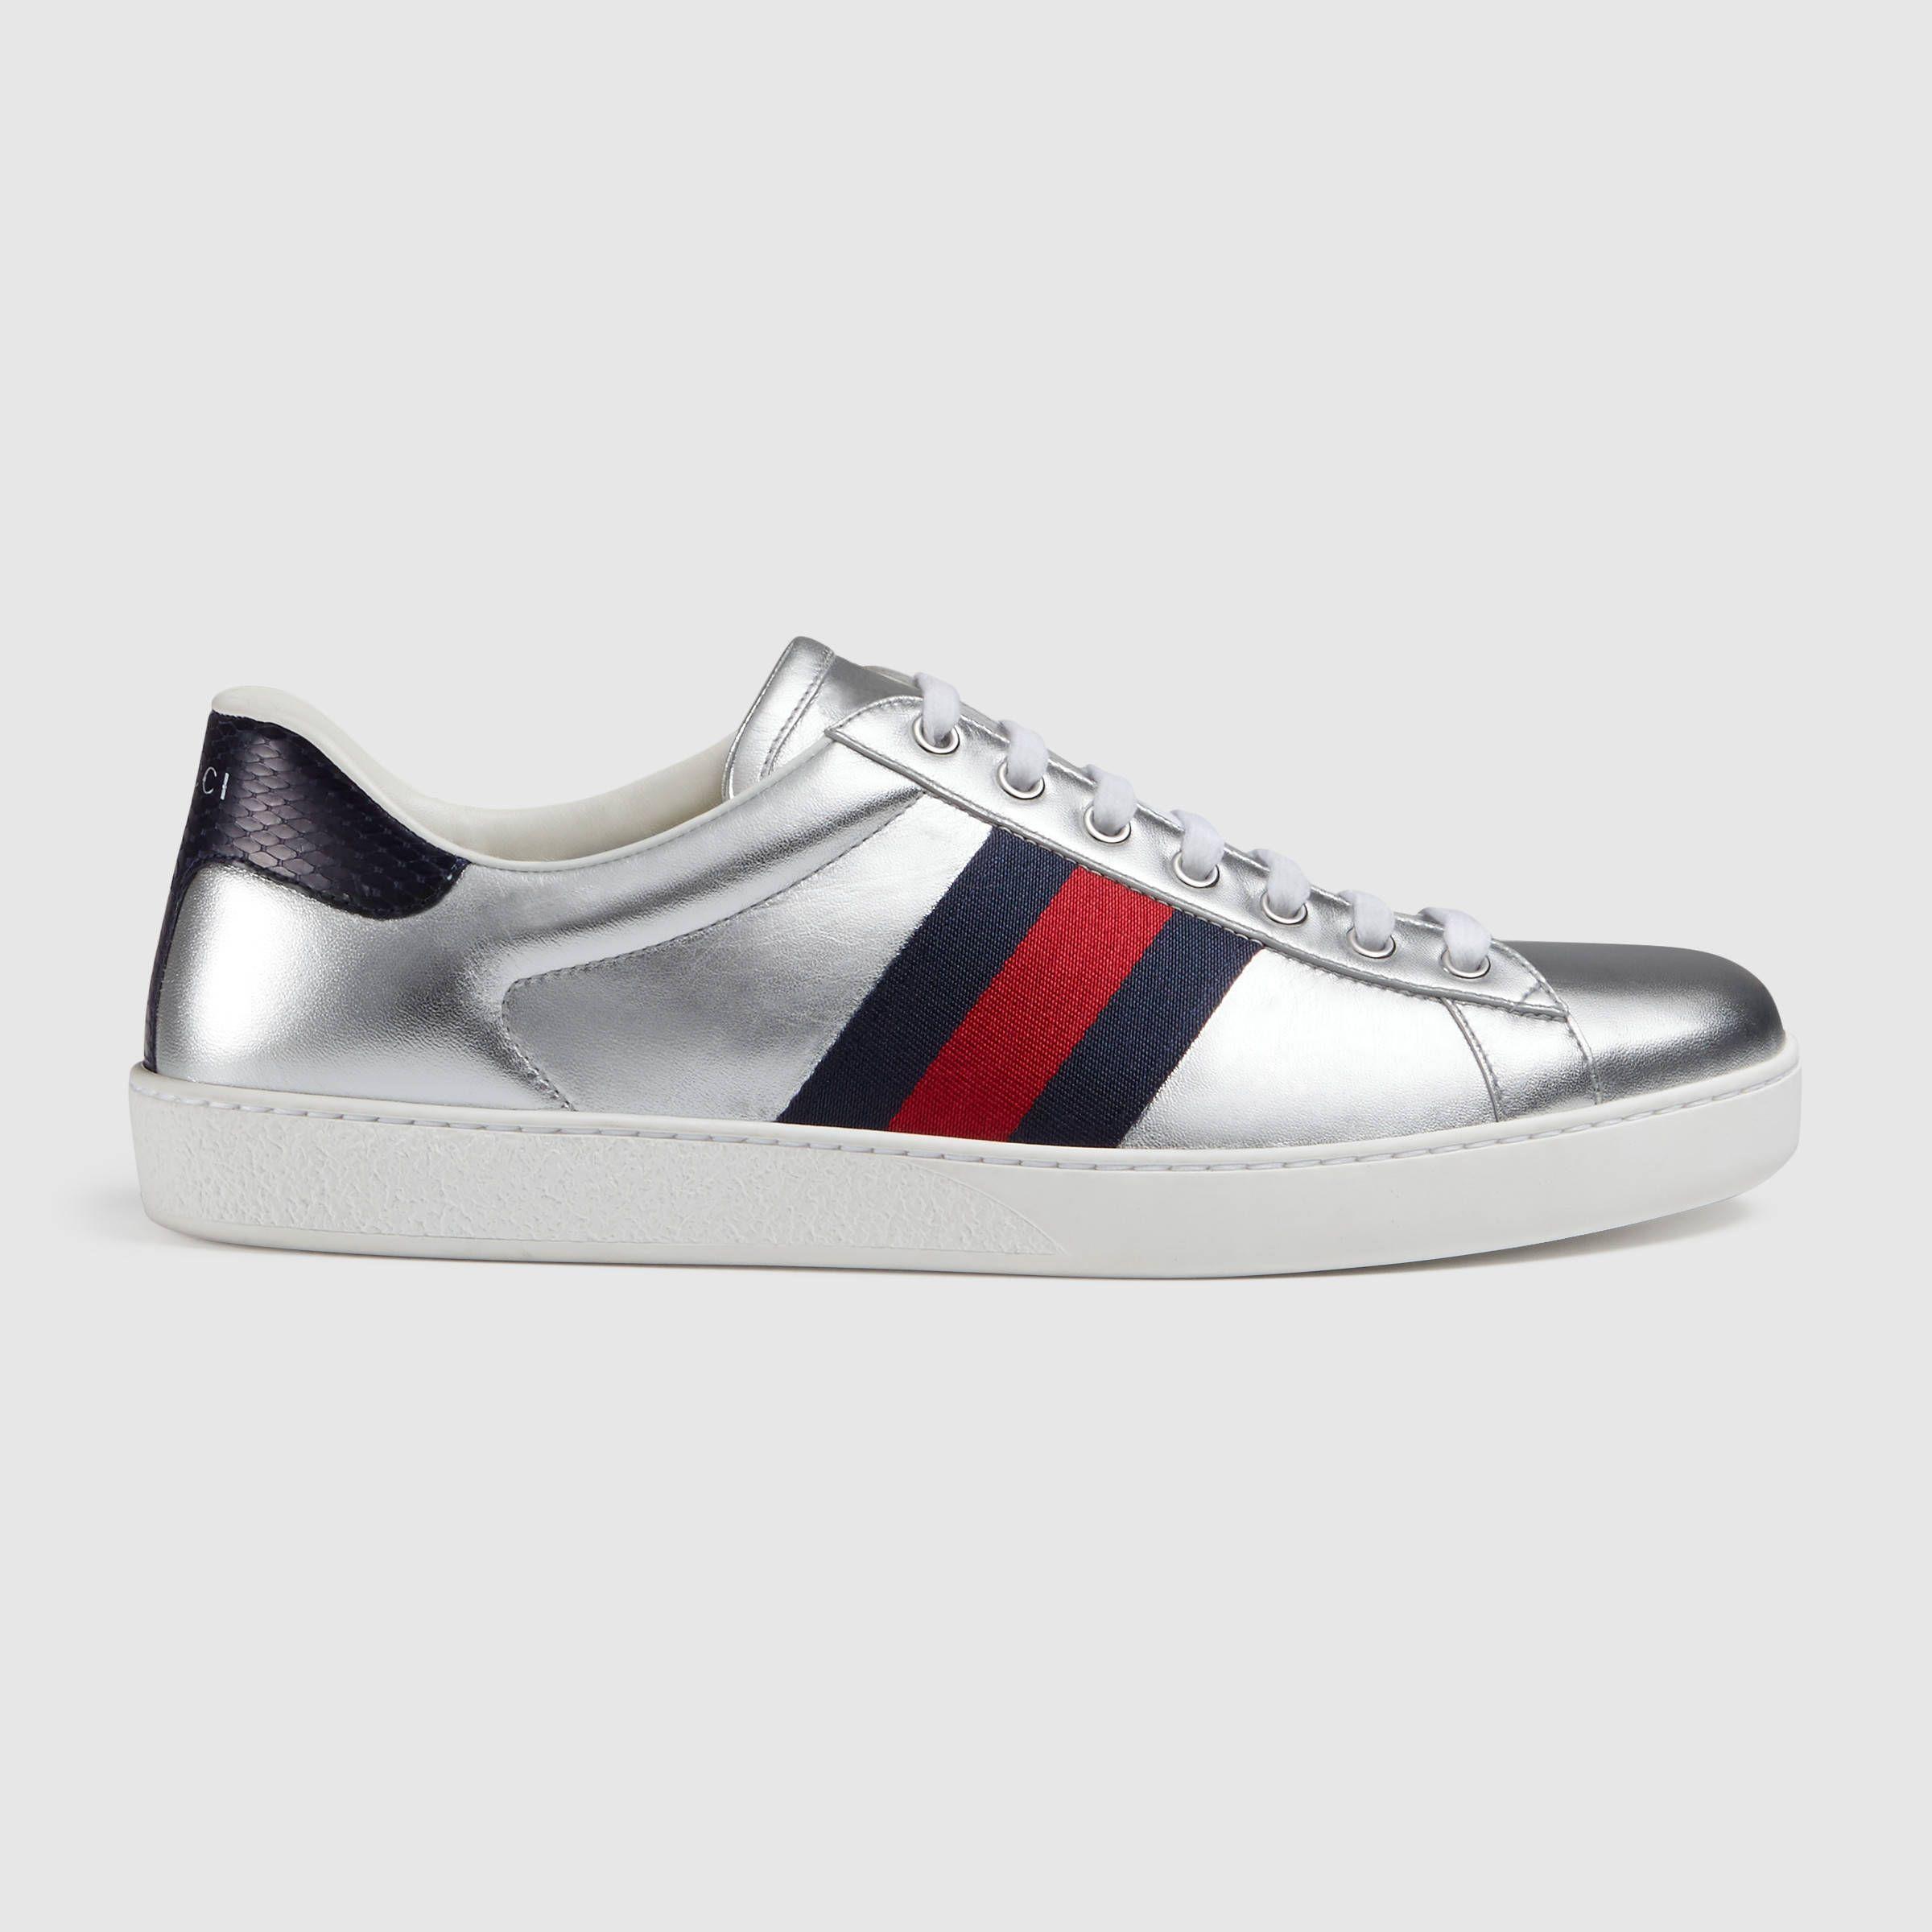 Hommes Chaussures De Sport En Cuir Plus Métallique Gucci PIpGV0Rb7r